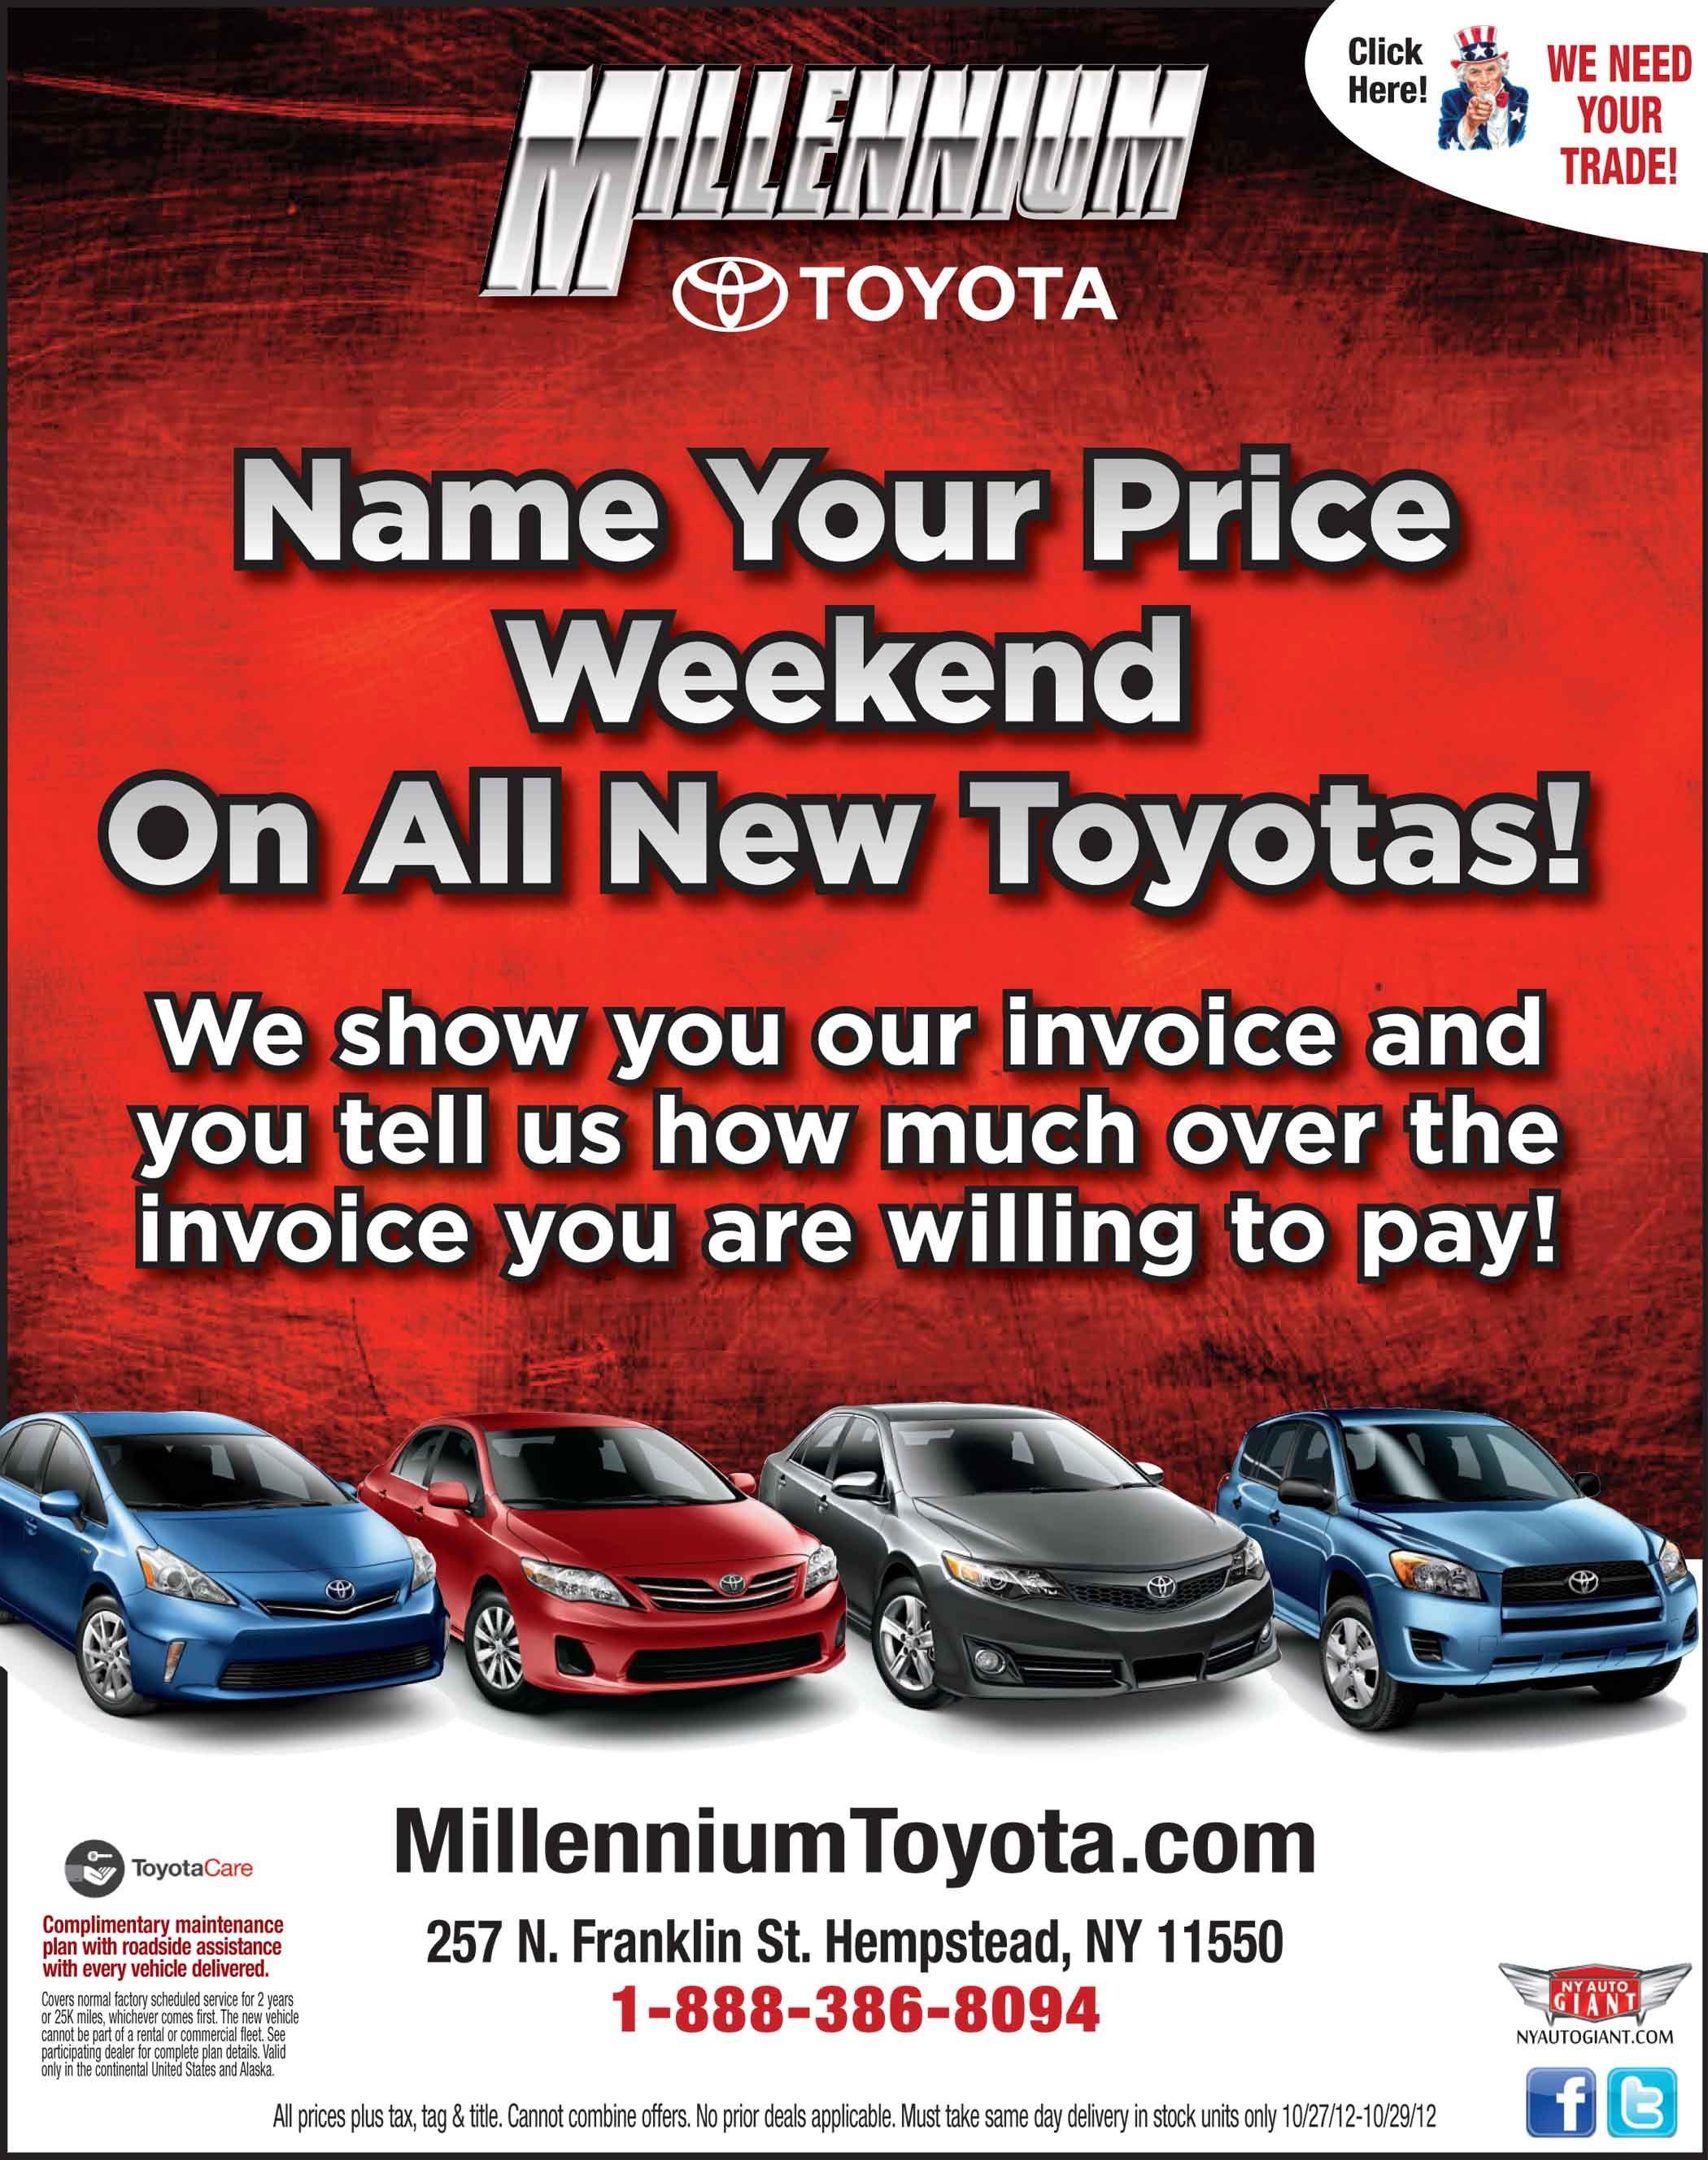 Car rental queens ny